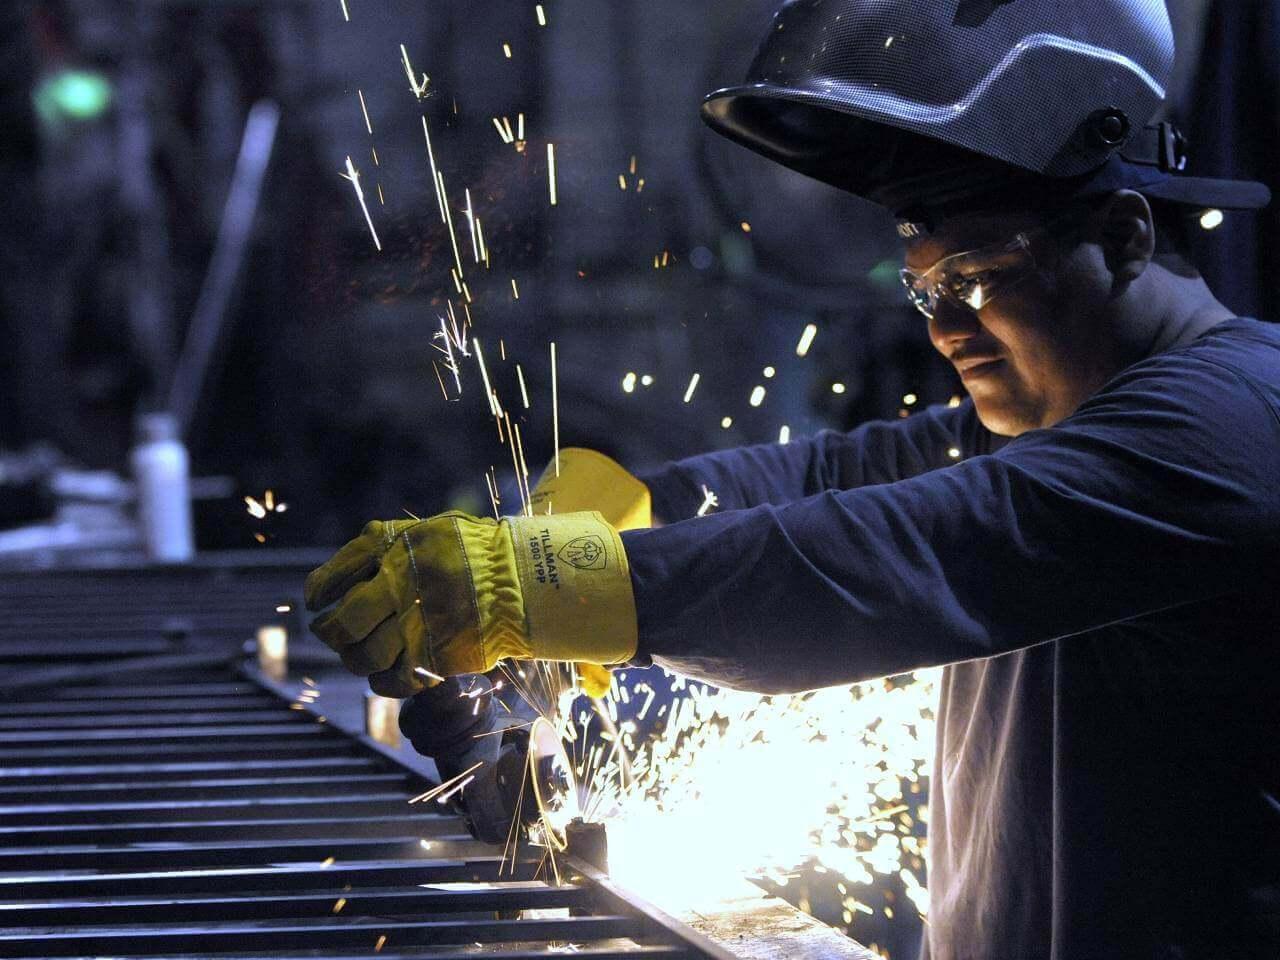 ABD'nin çelik ithalatına yönelik tedbirleri